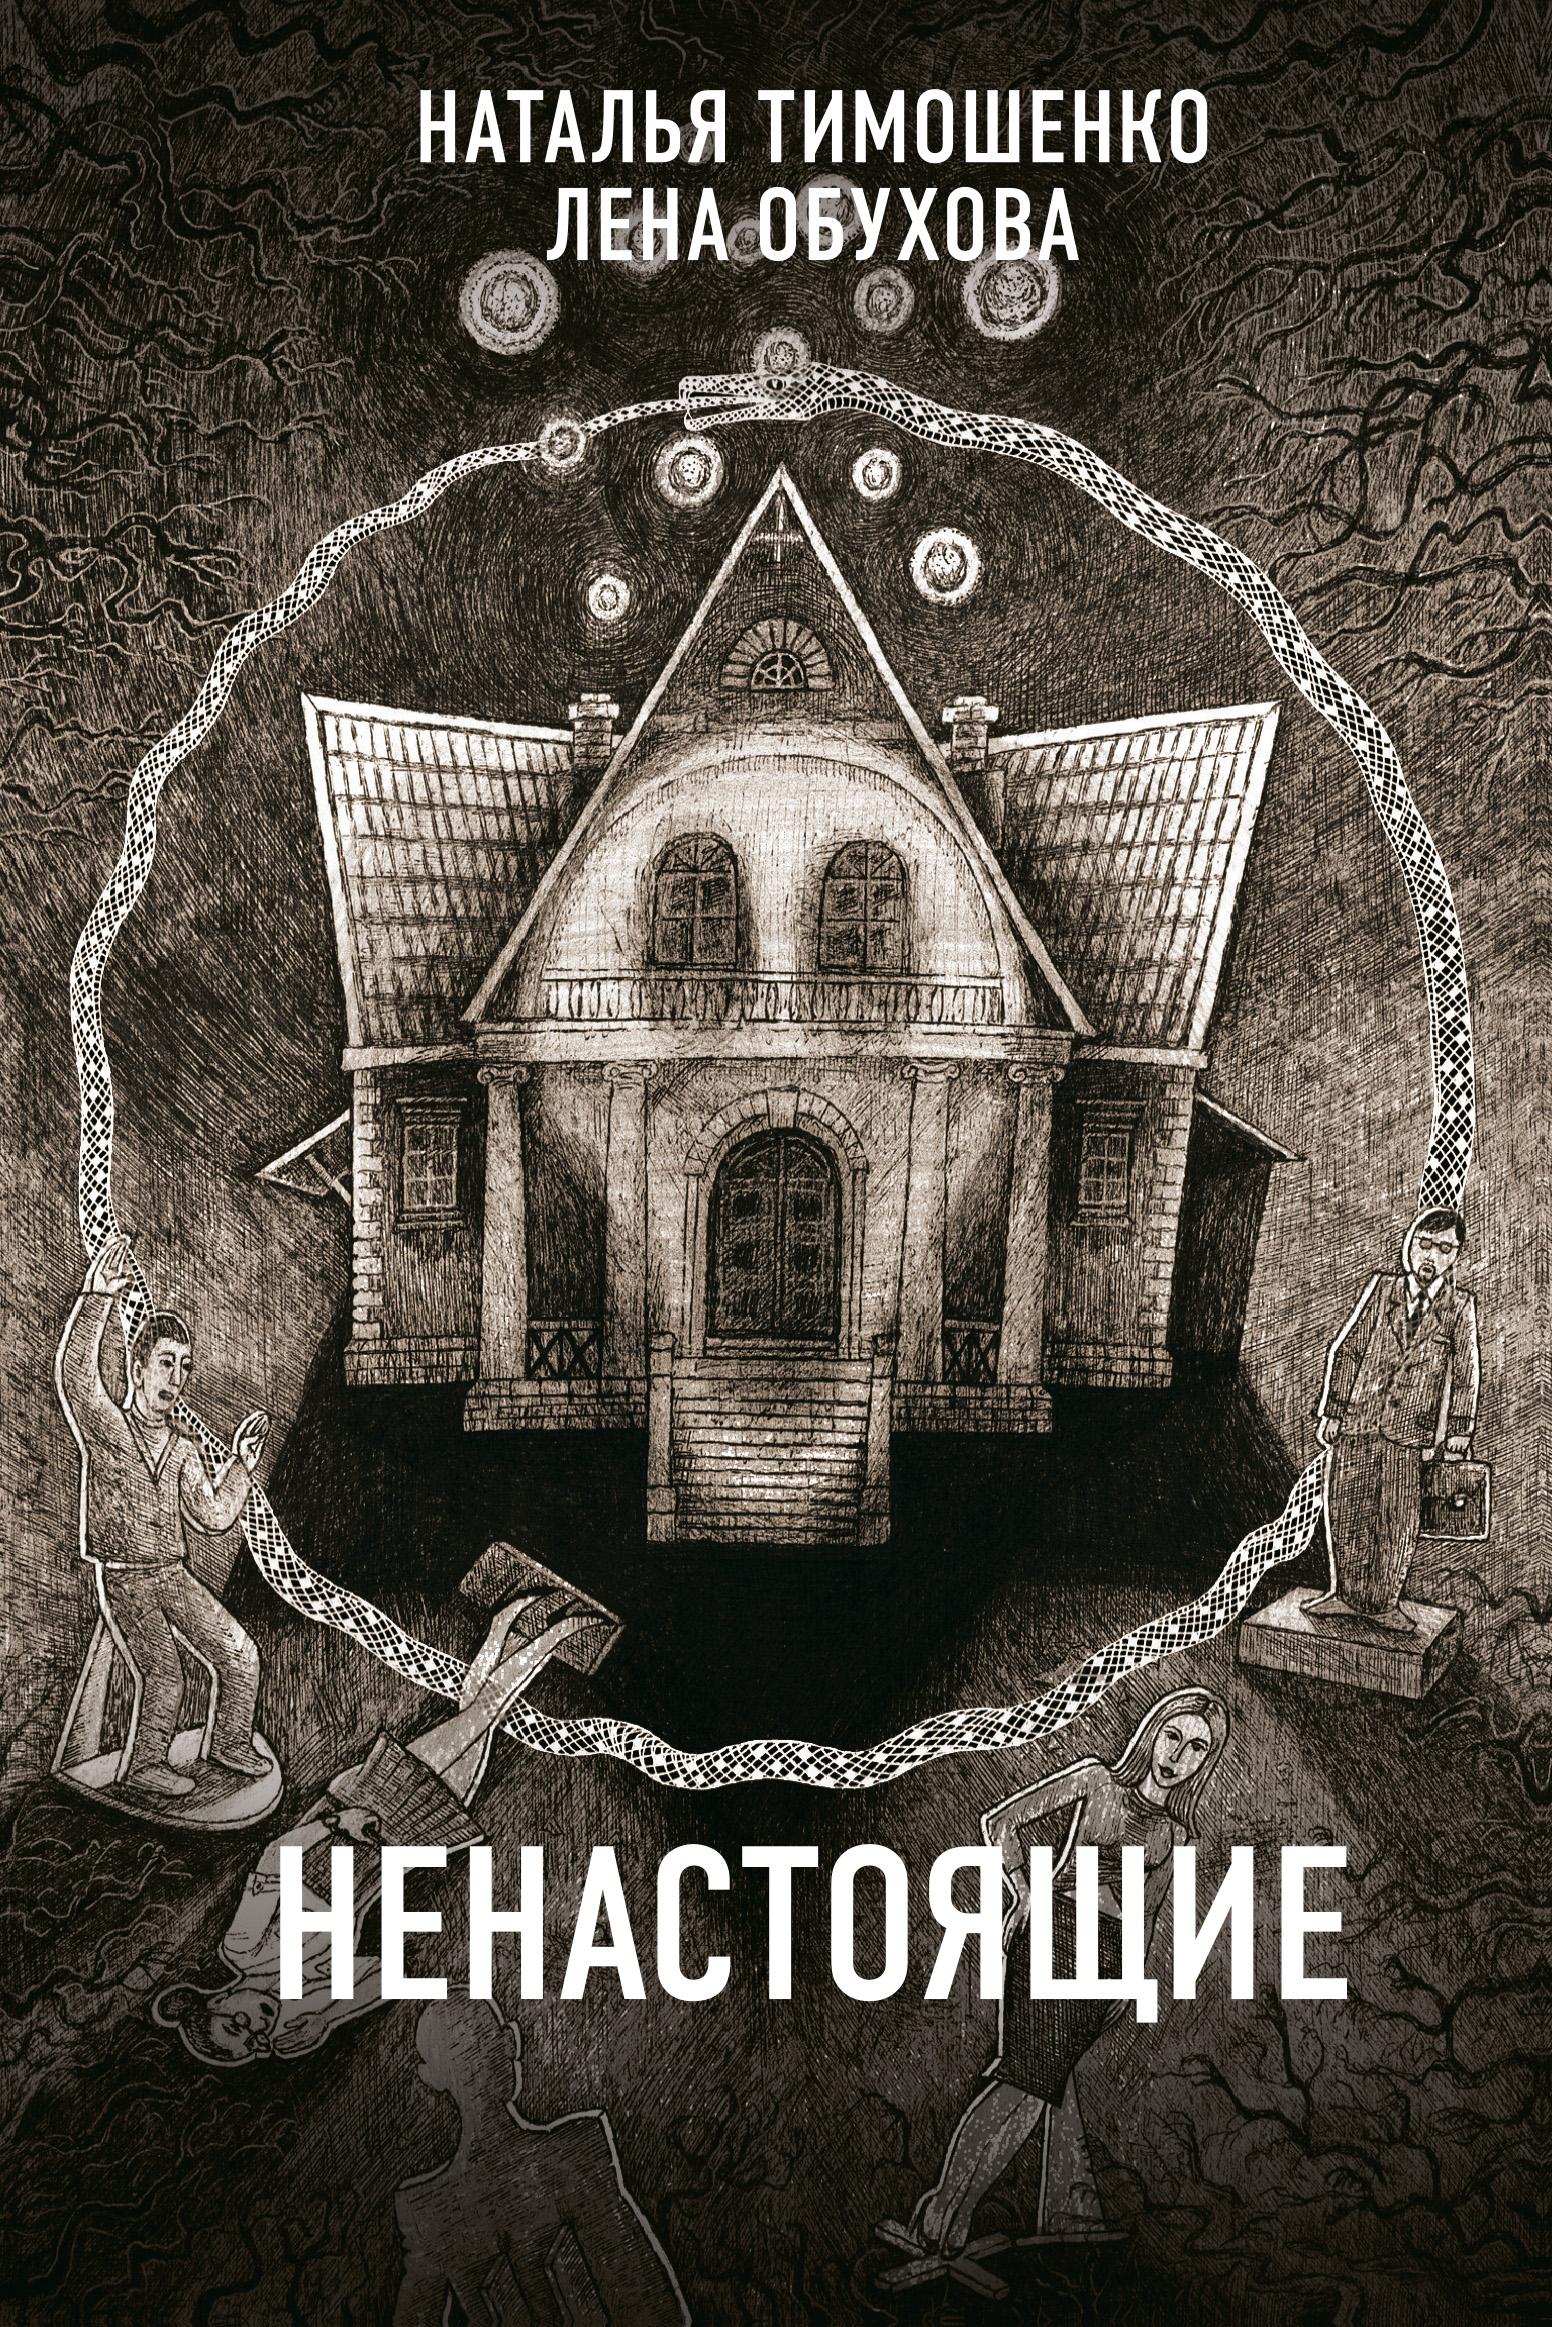 Елена Обухова, Наталья Тимошенко «Ненастоящие»